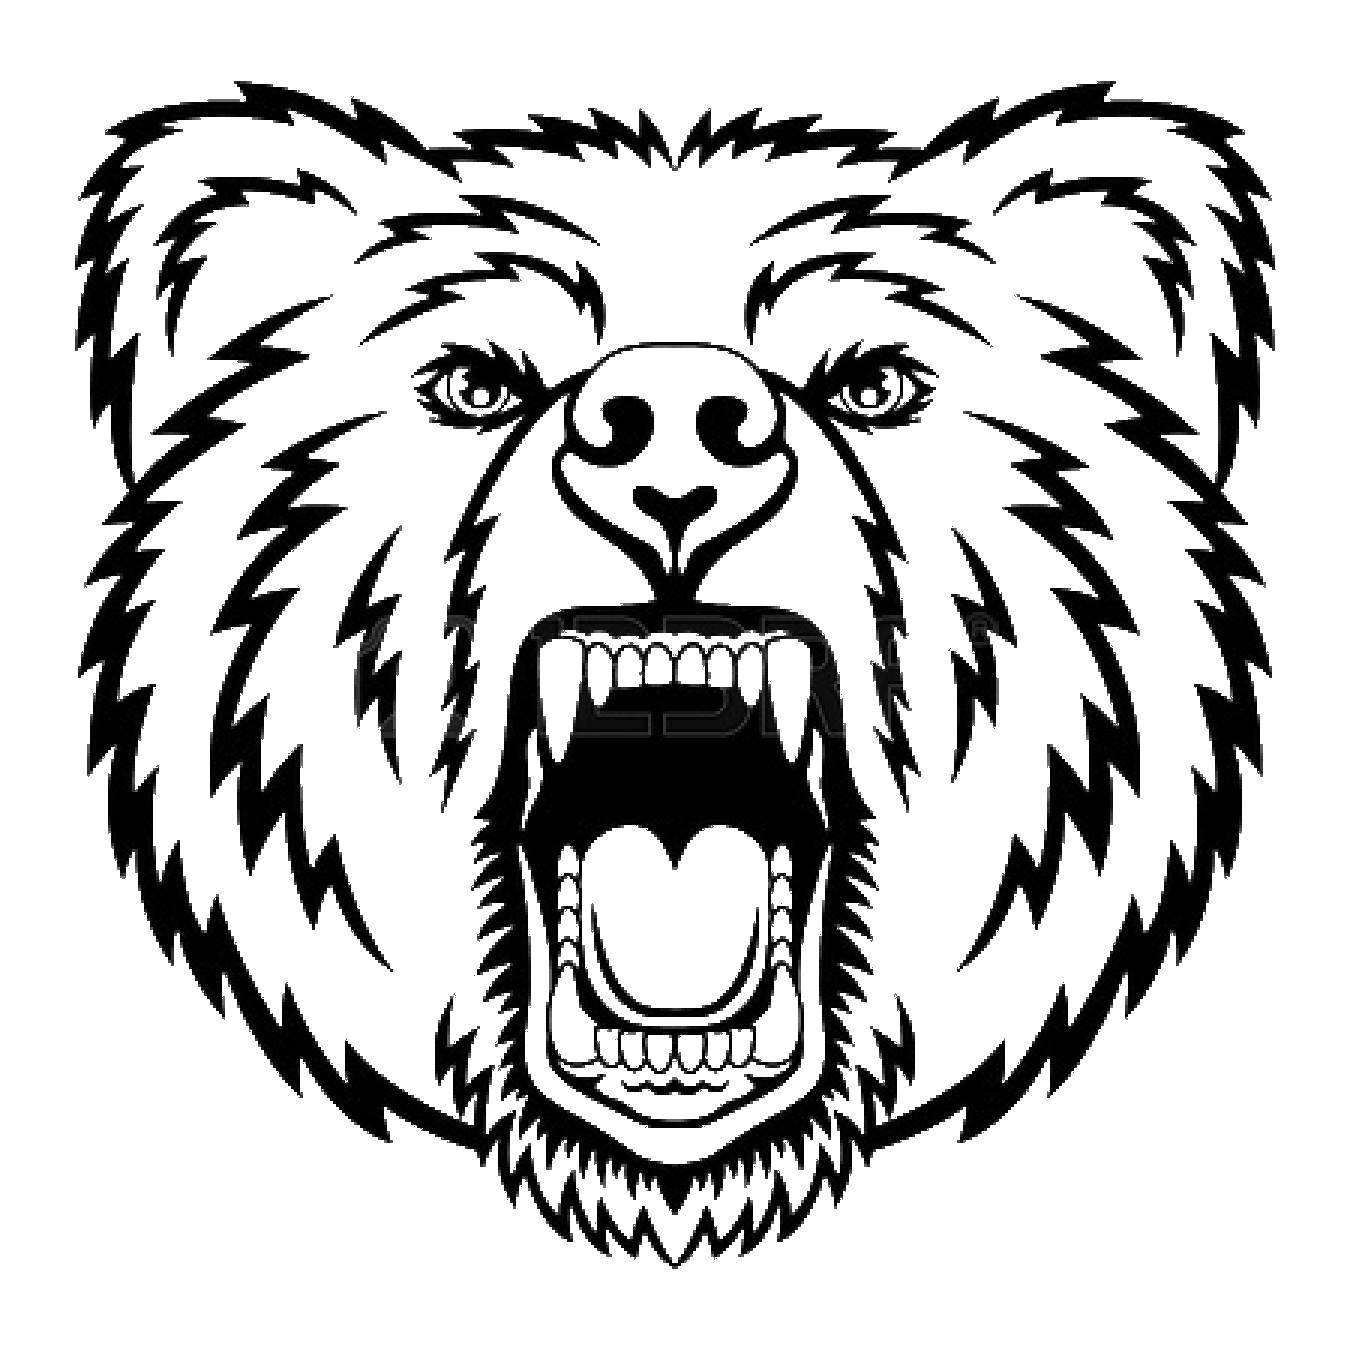 Название: Раскраска Грозный медведь. Категория: Контур медведя для вырезания. Теги: Животные, медведь.